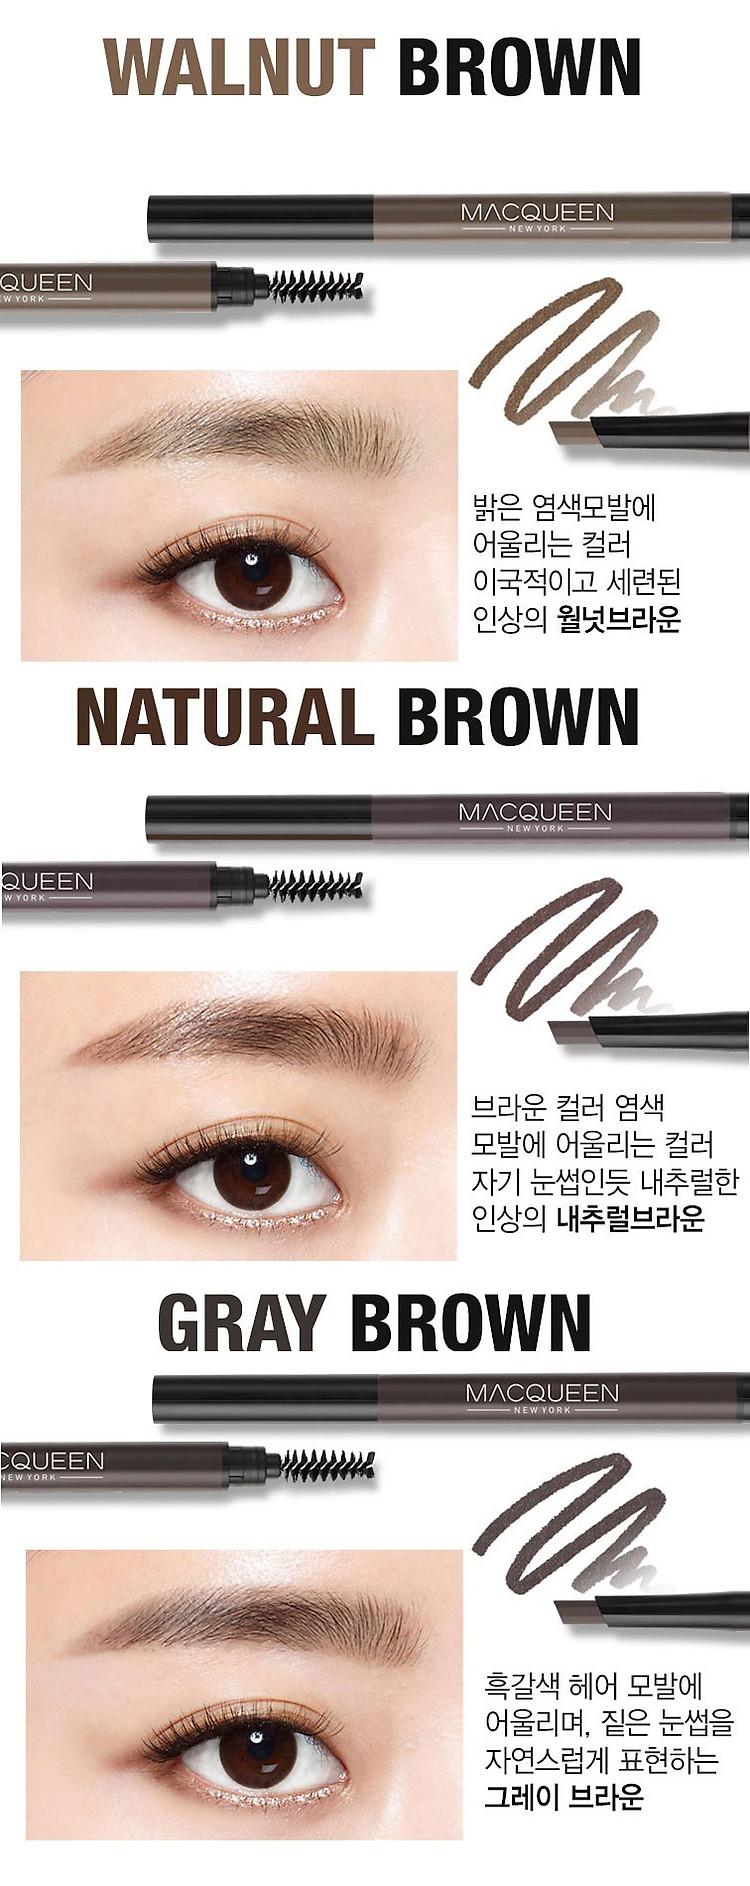 Chì Kẻ Mày Macqueen My Strong Auto Eyebrow Pencil Hard Powder 1